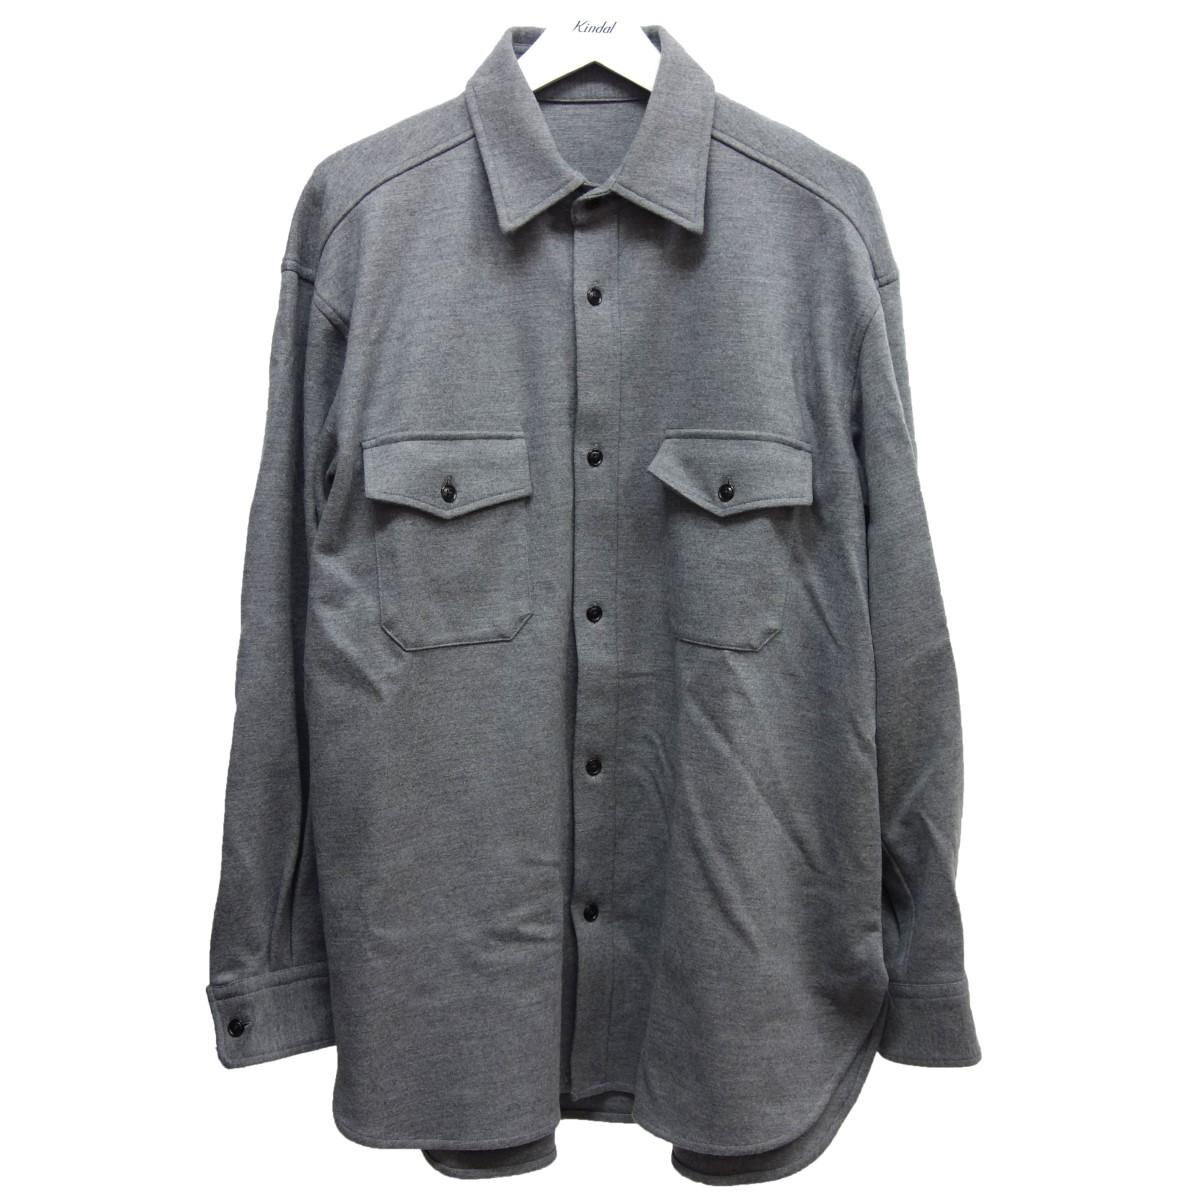 【人気No.1】 【】URU18AW ウールポンチシャツ グレー サイズ:2, LUANA LANI 156b2ae0